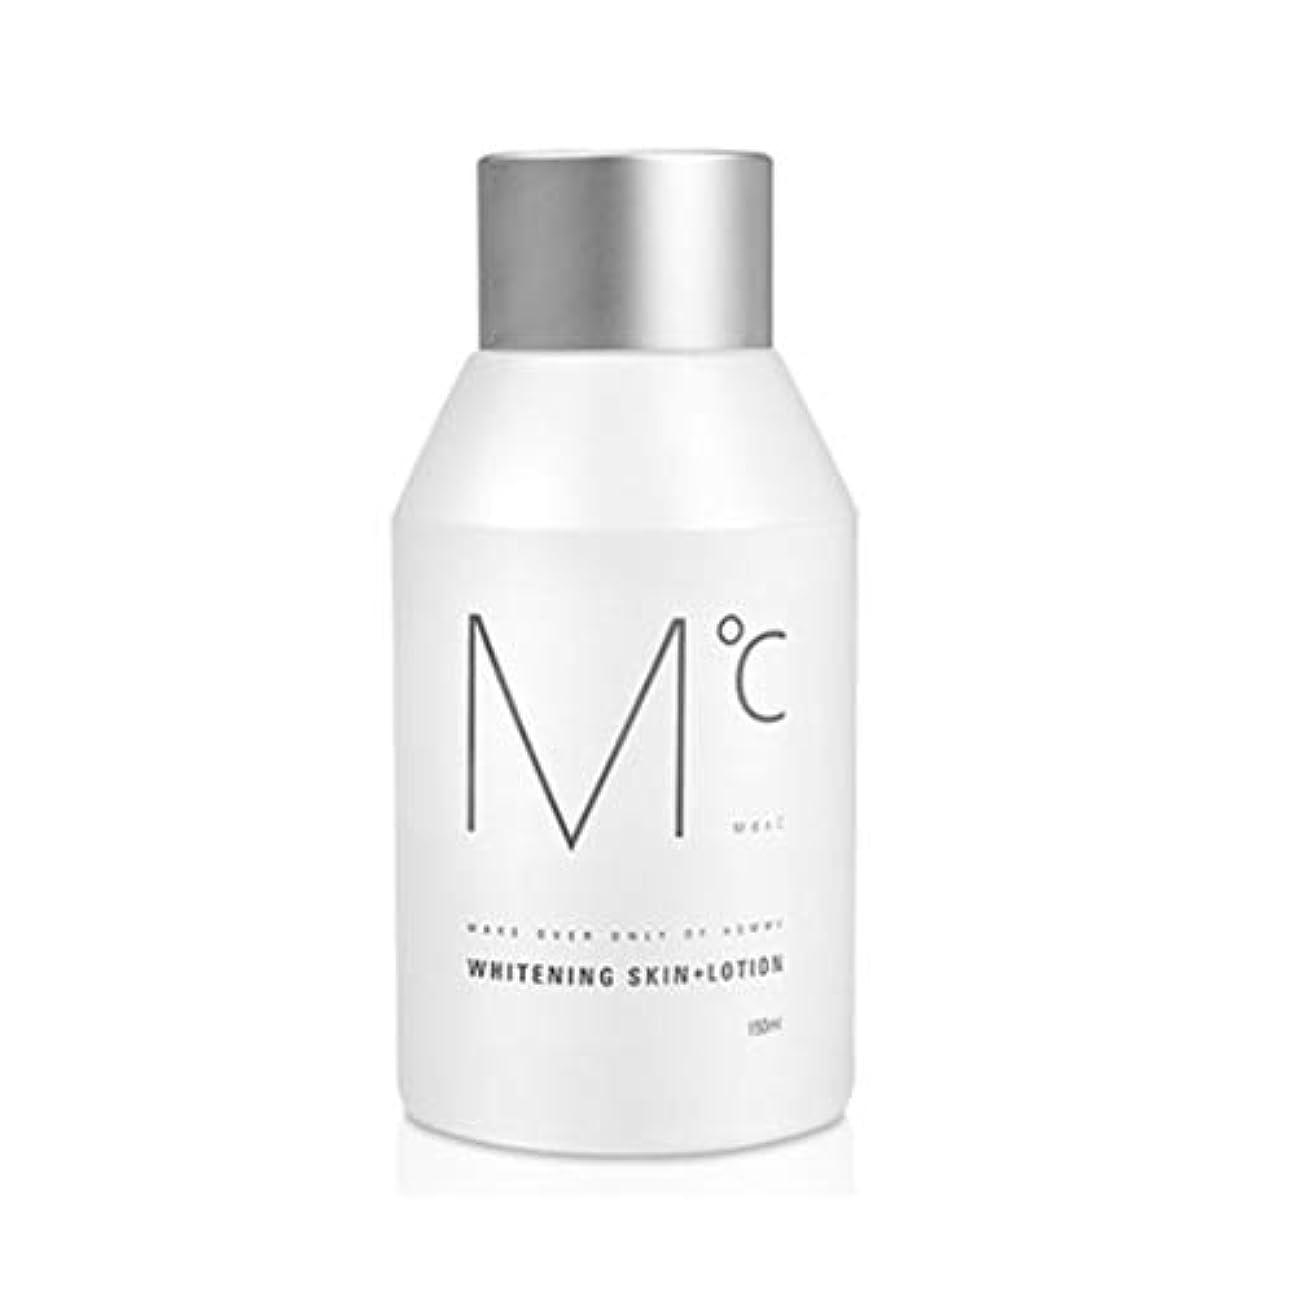 明らかにする攻撃水没MDOC Whitening Skin+Lotion 化粧水+ローションオールインワン保湿メンズスキンケア(海外直送)